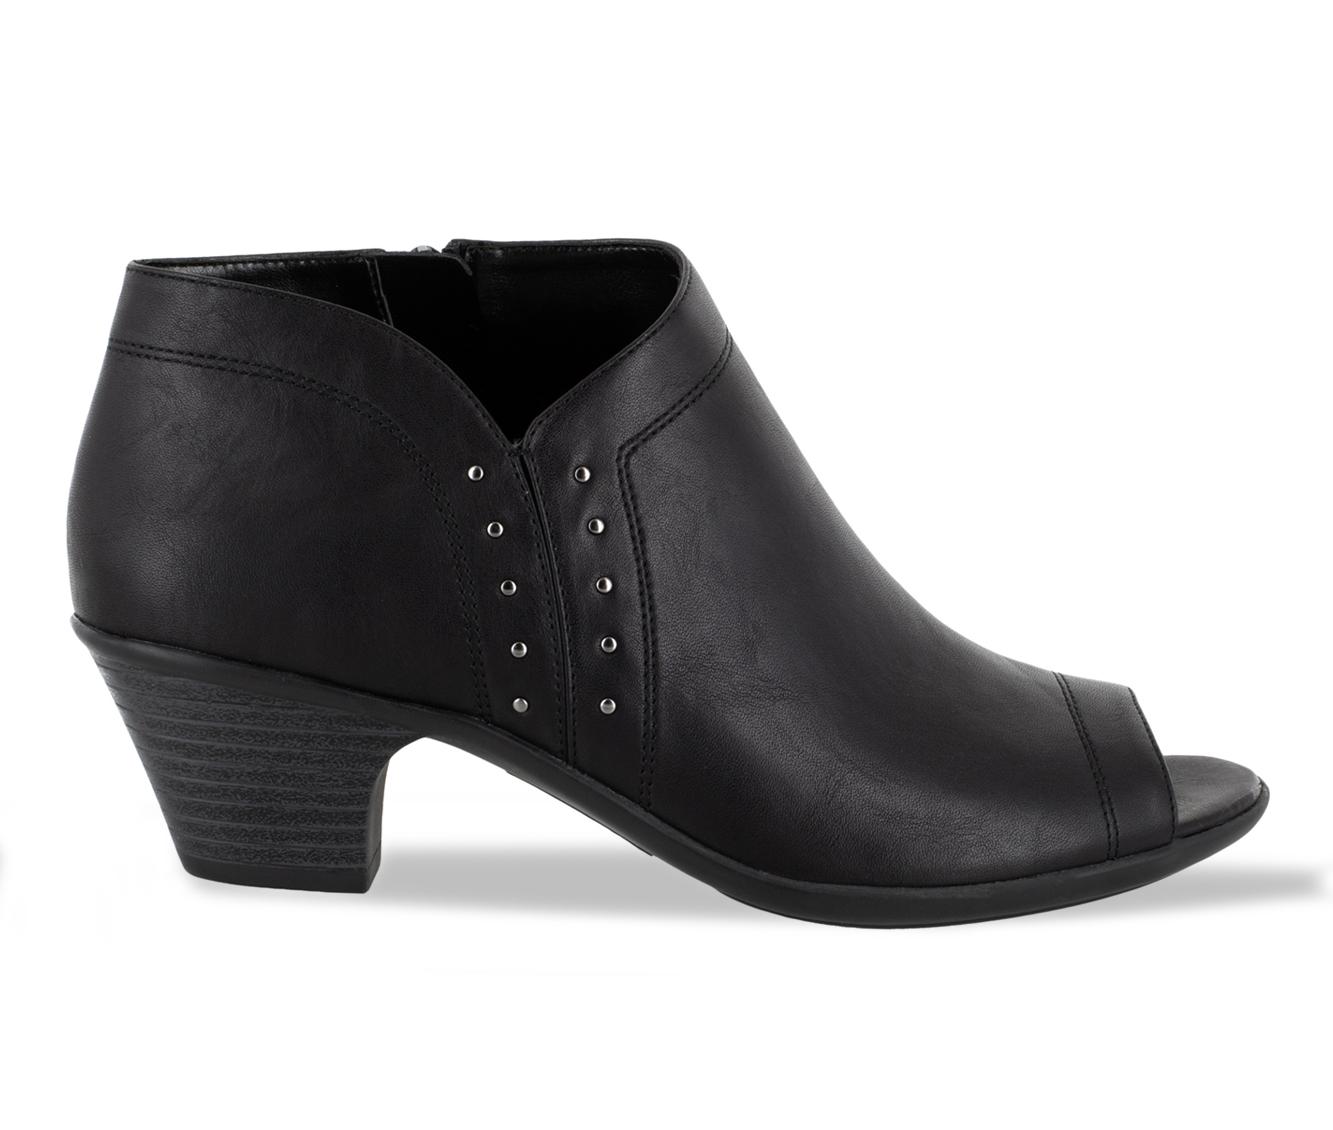 Easy Street Voyage Women's Shoe (Black - Faux Leather)